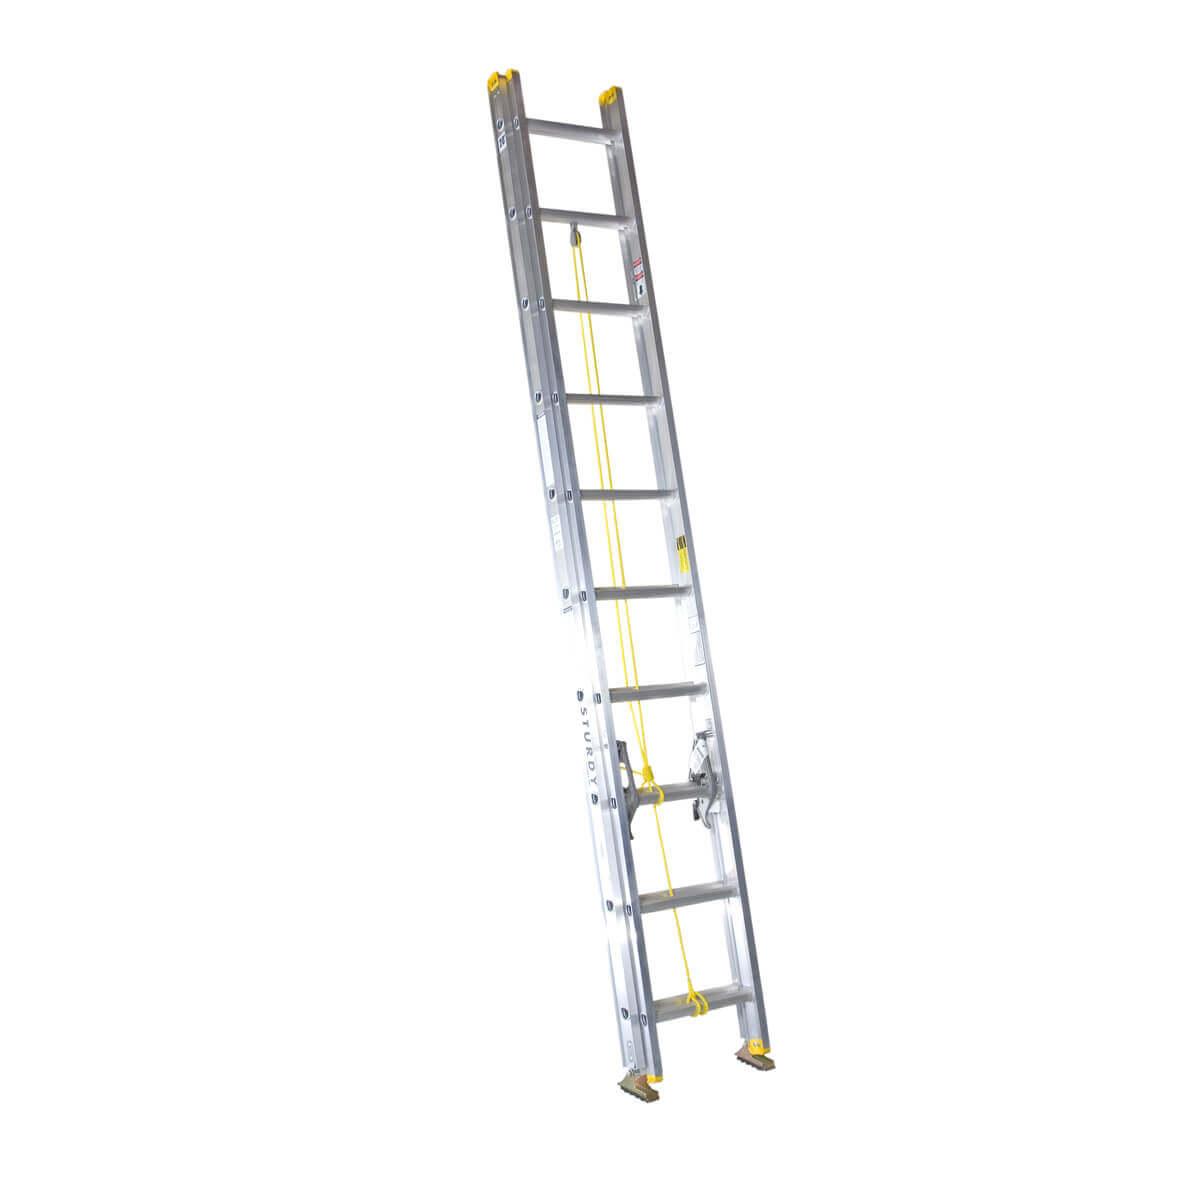 Aluminum Extension Ladders - 24'